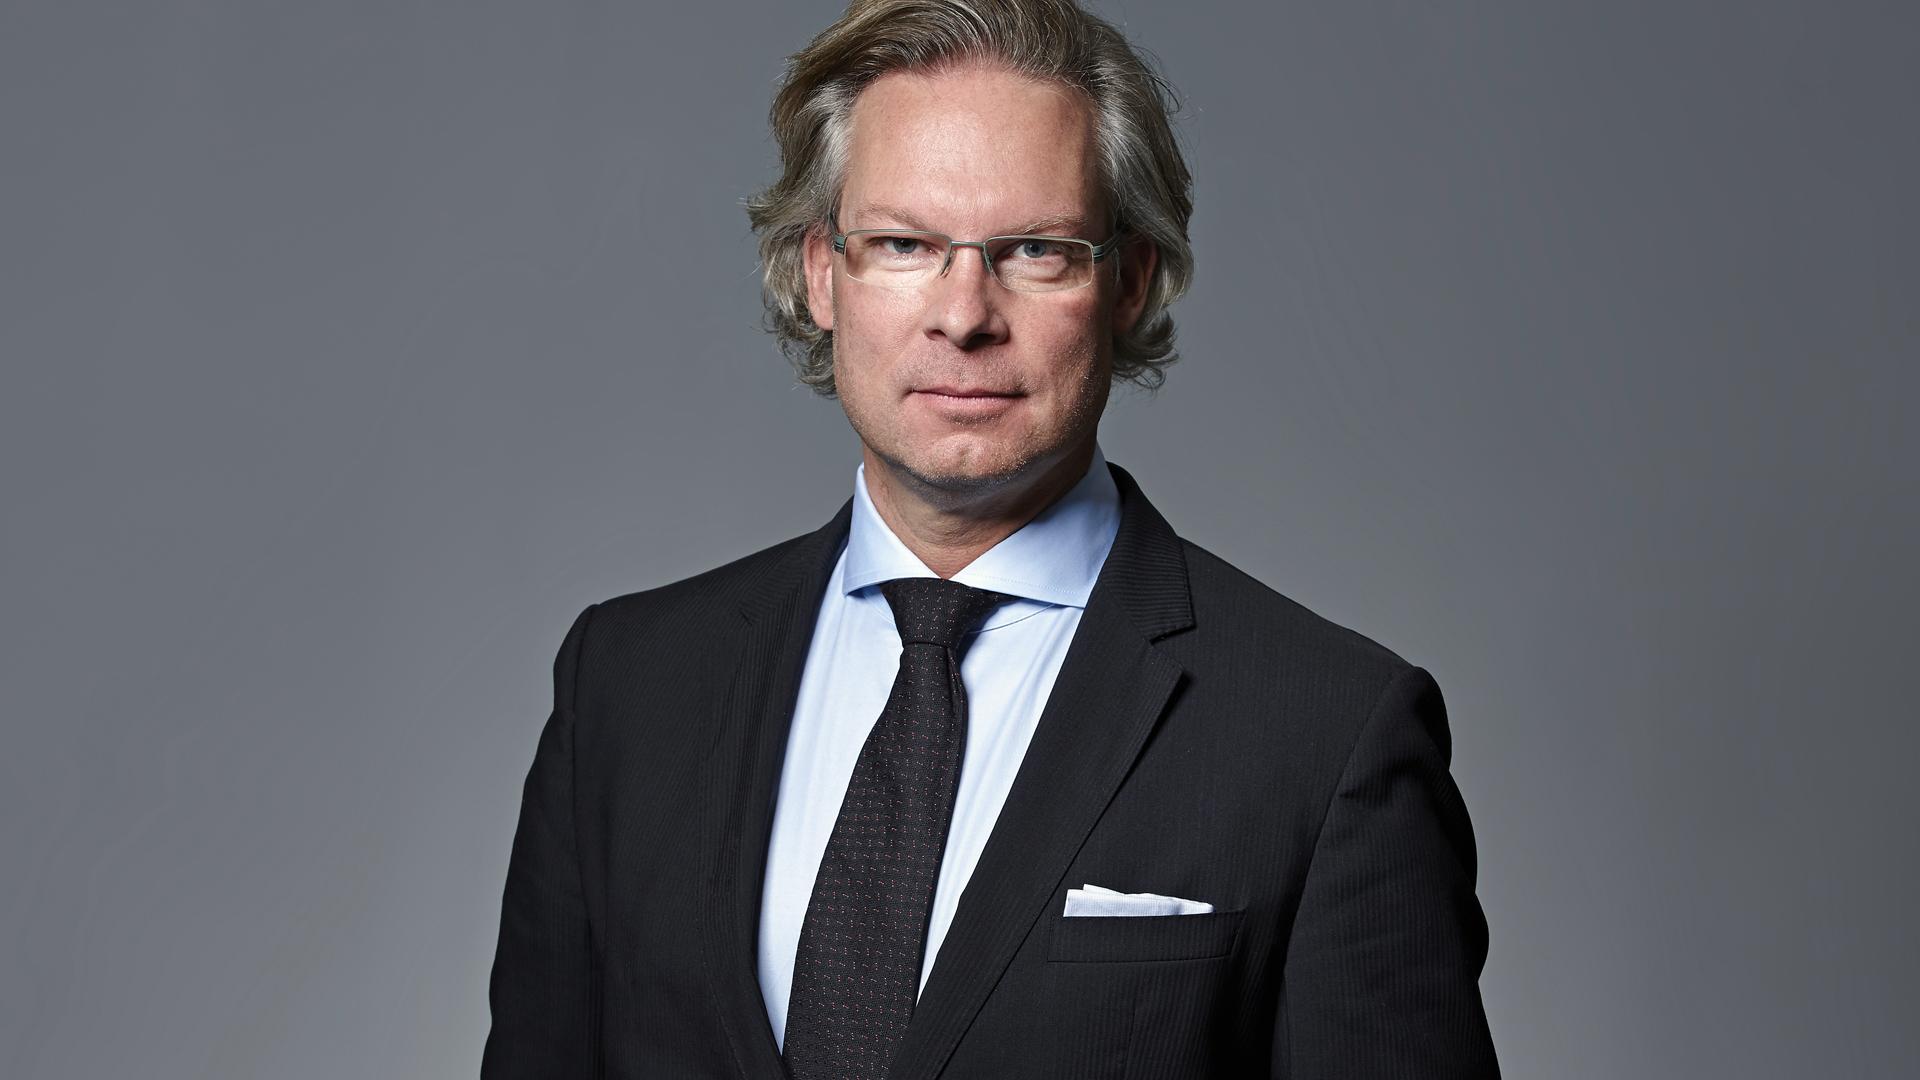 Daniel Kötz ist Fachanwalt für Urheber- und Medienrecht sowie Fachanwalt für gewerblichen Rechtsschutz